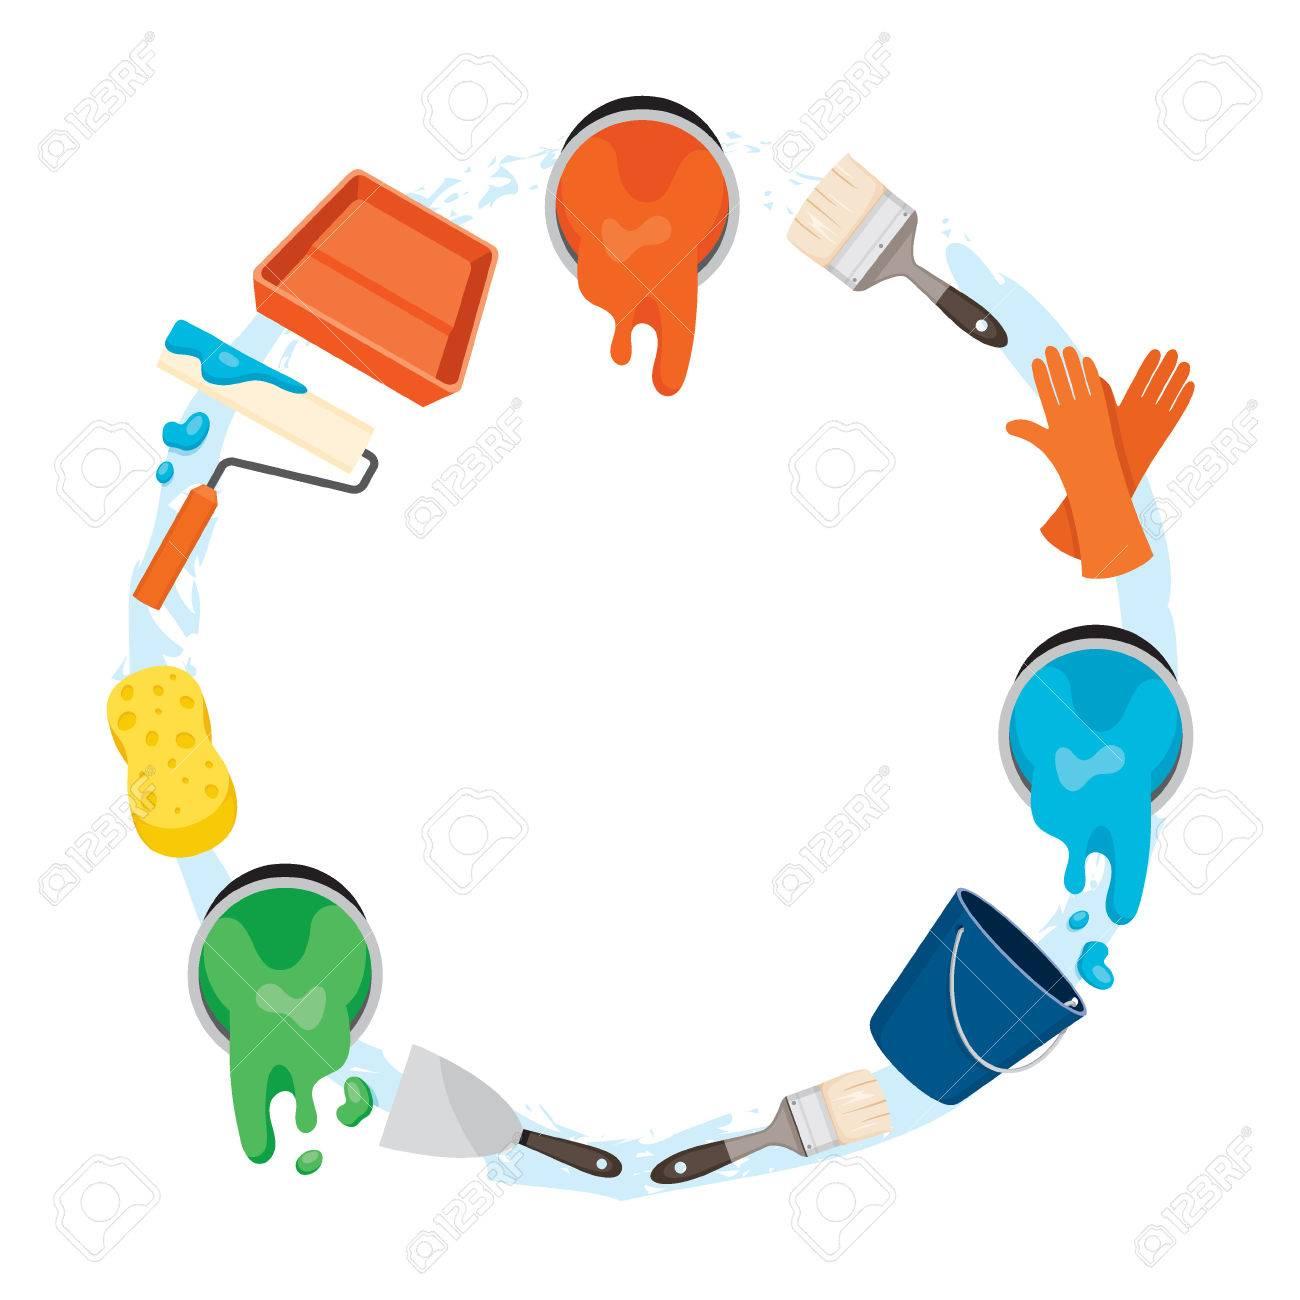 Painter Werkzeuge Objekte Symbole Auf Kreis-Rahmen, Ausrüstung ...